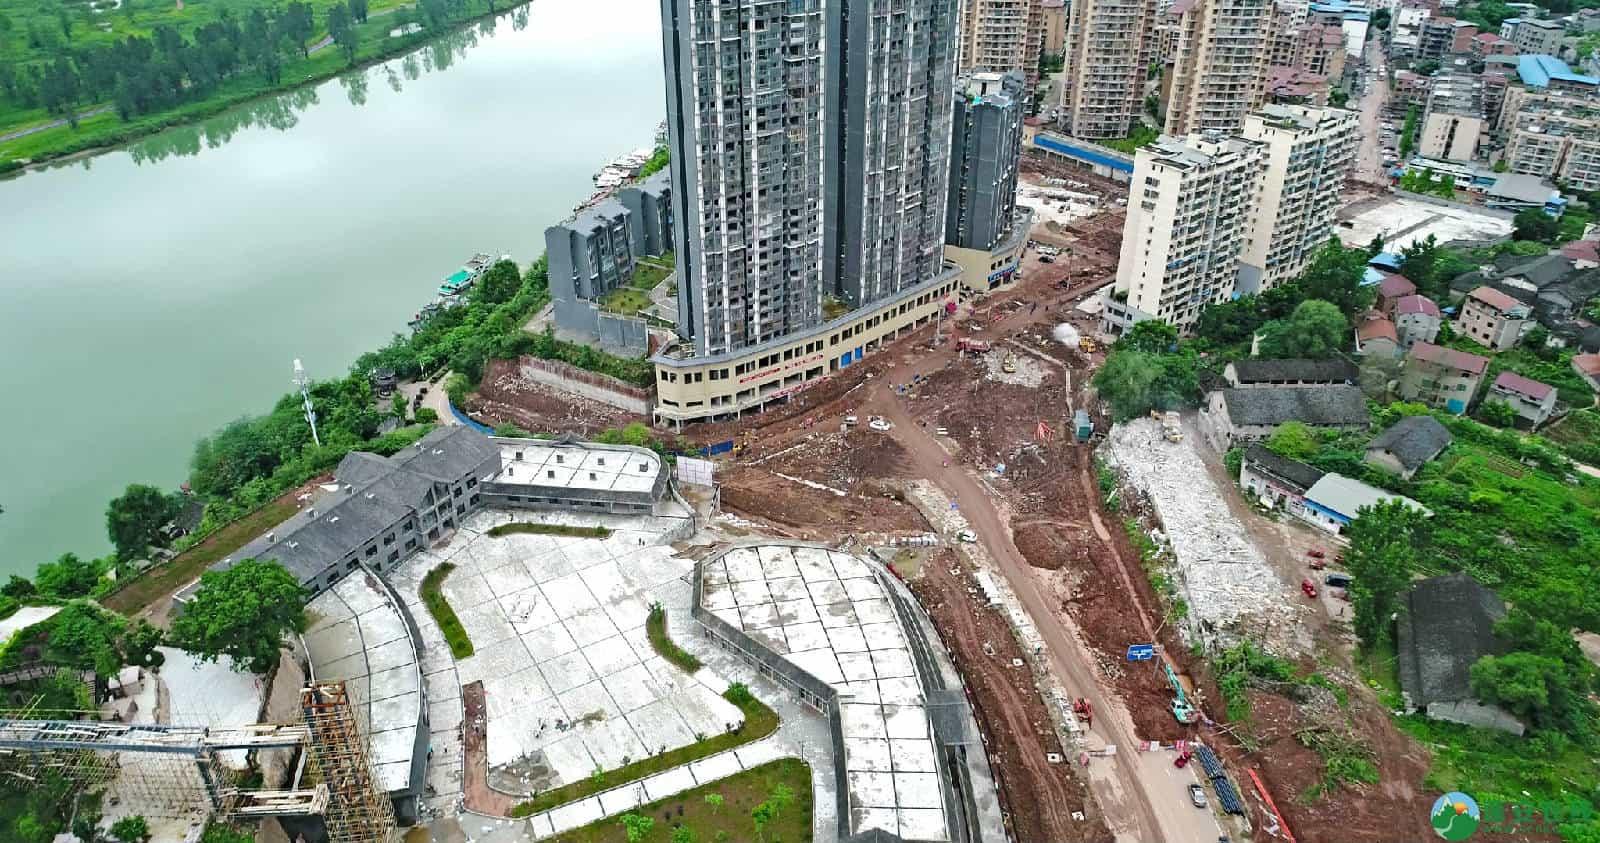 蓬安县嘉陵西路改建工程进展(2019-06-16) - 第11张  | 蓬安在线